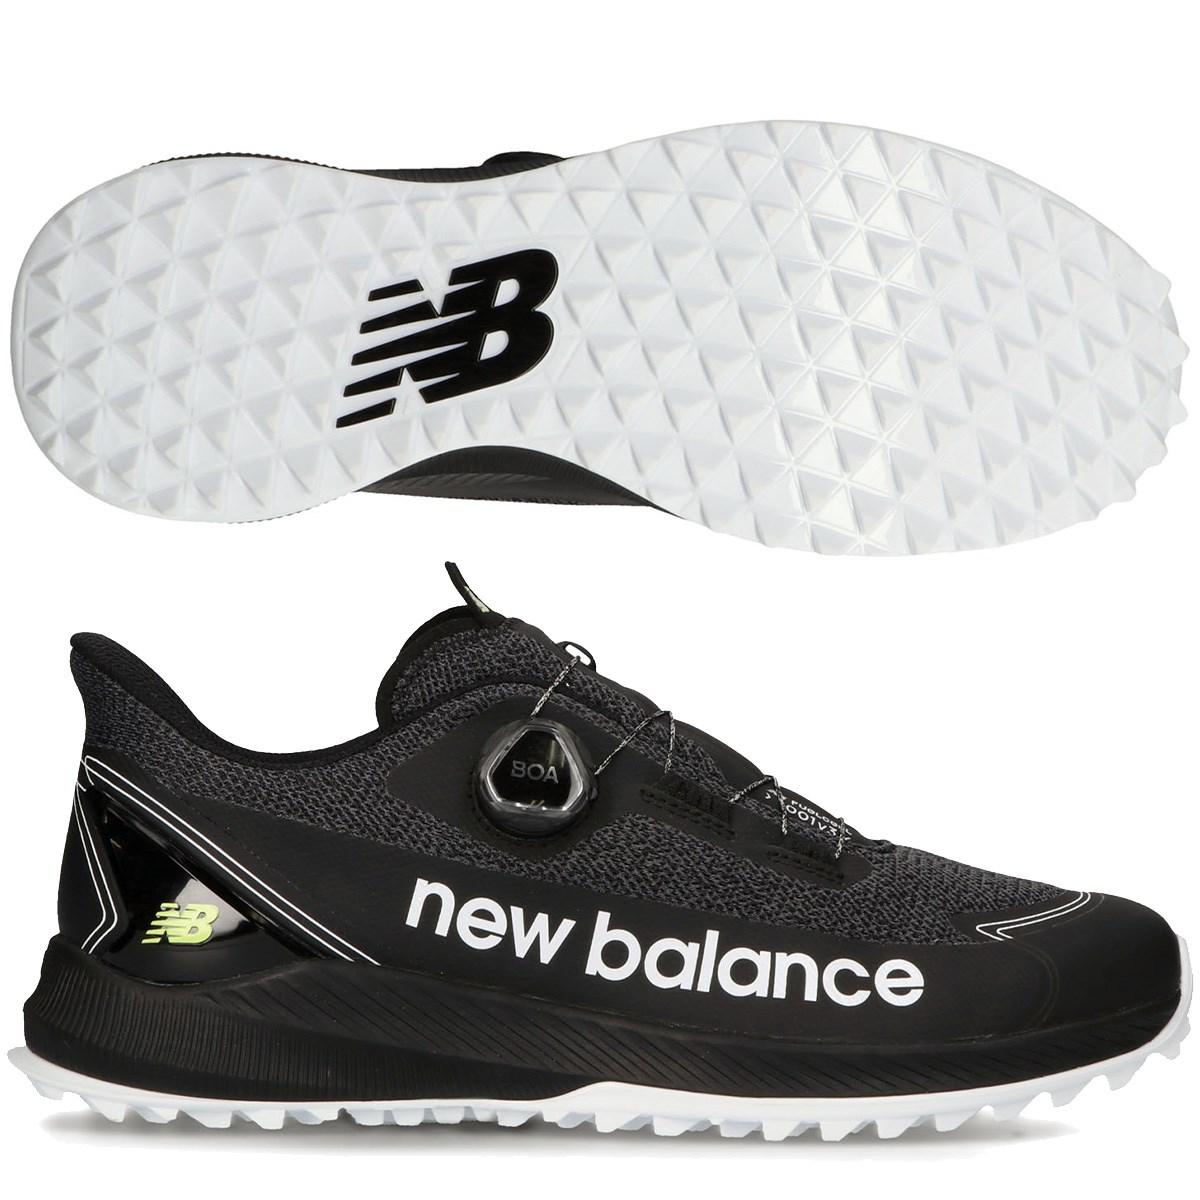 ニューバランス New Balance NSスパイクレスBOAシューズ MGS1001 27cm ブラック